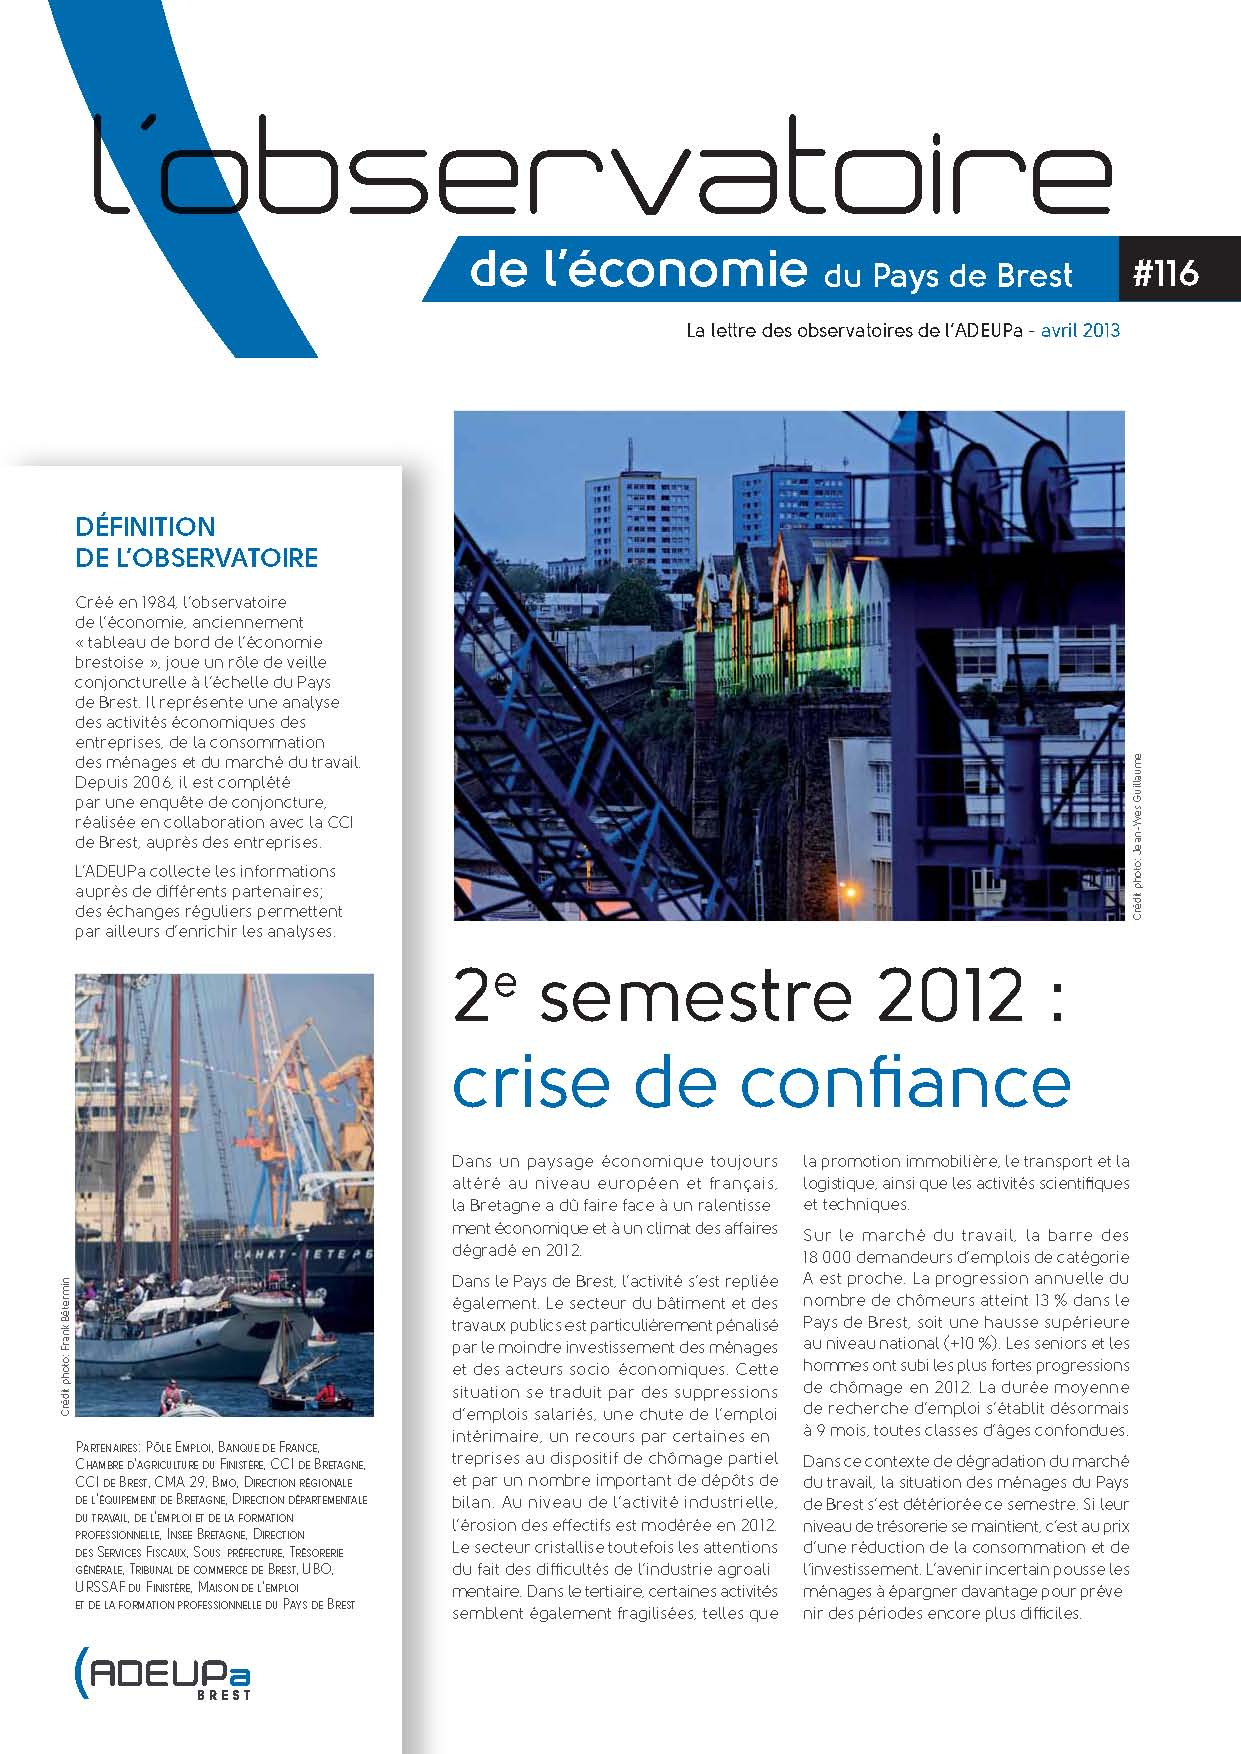 Observatoire de l'économie du Pays de Brest N°116